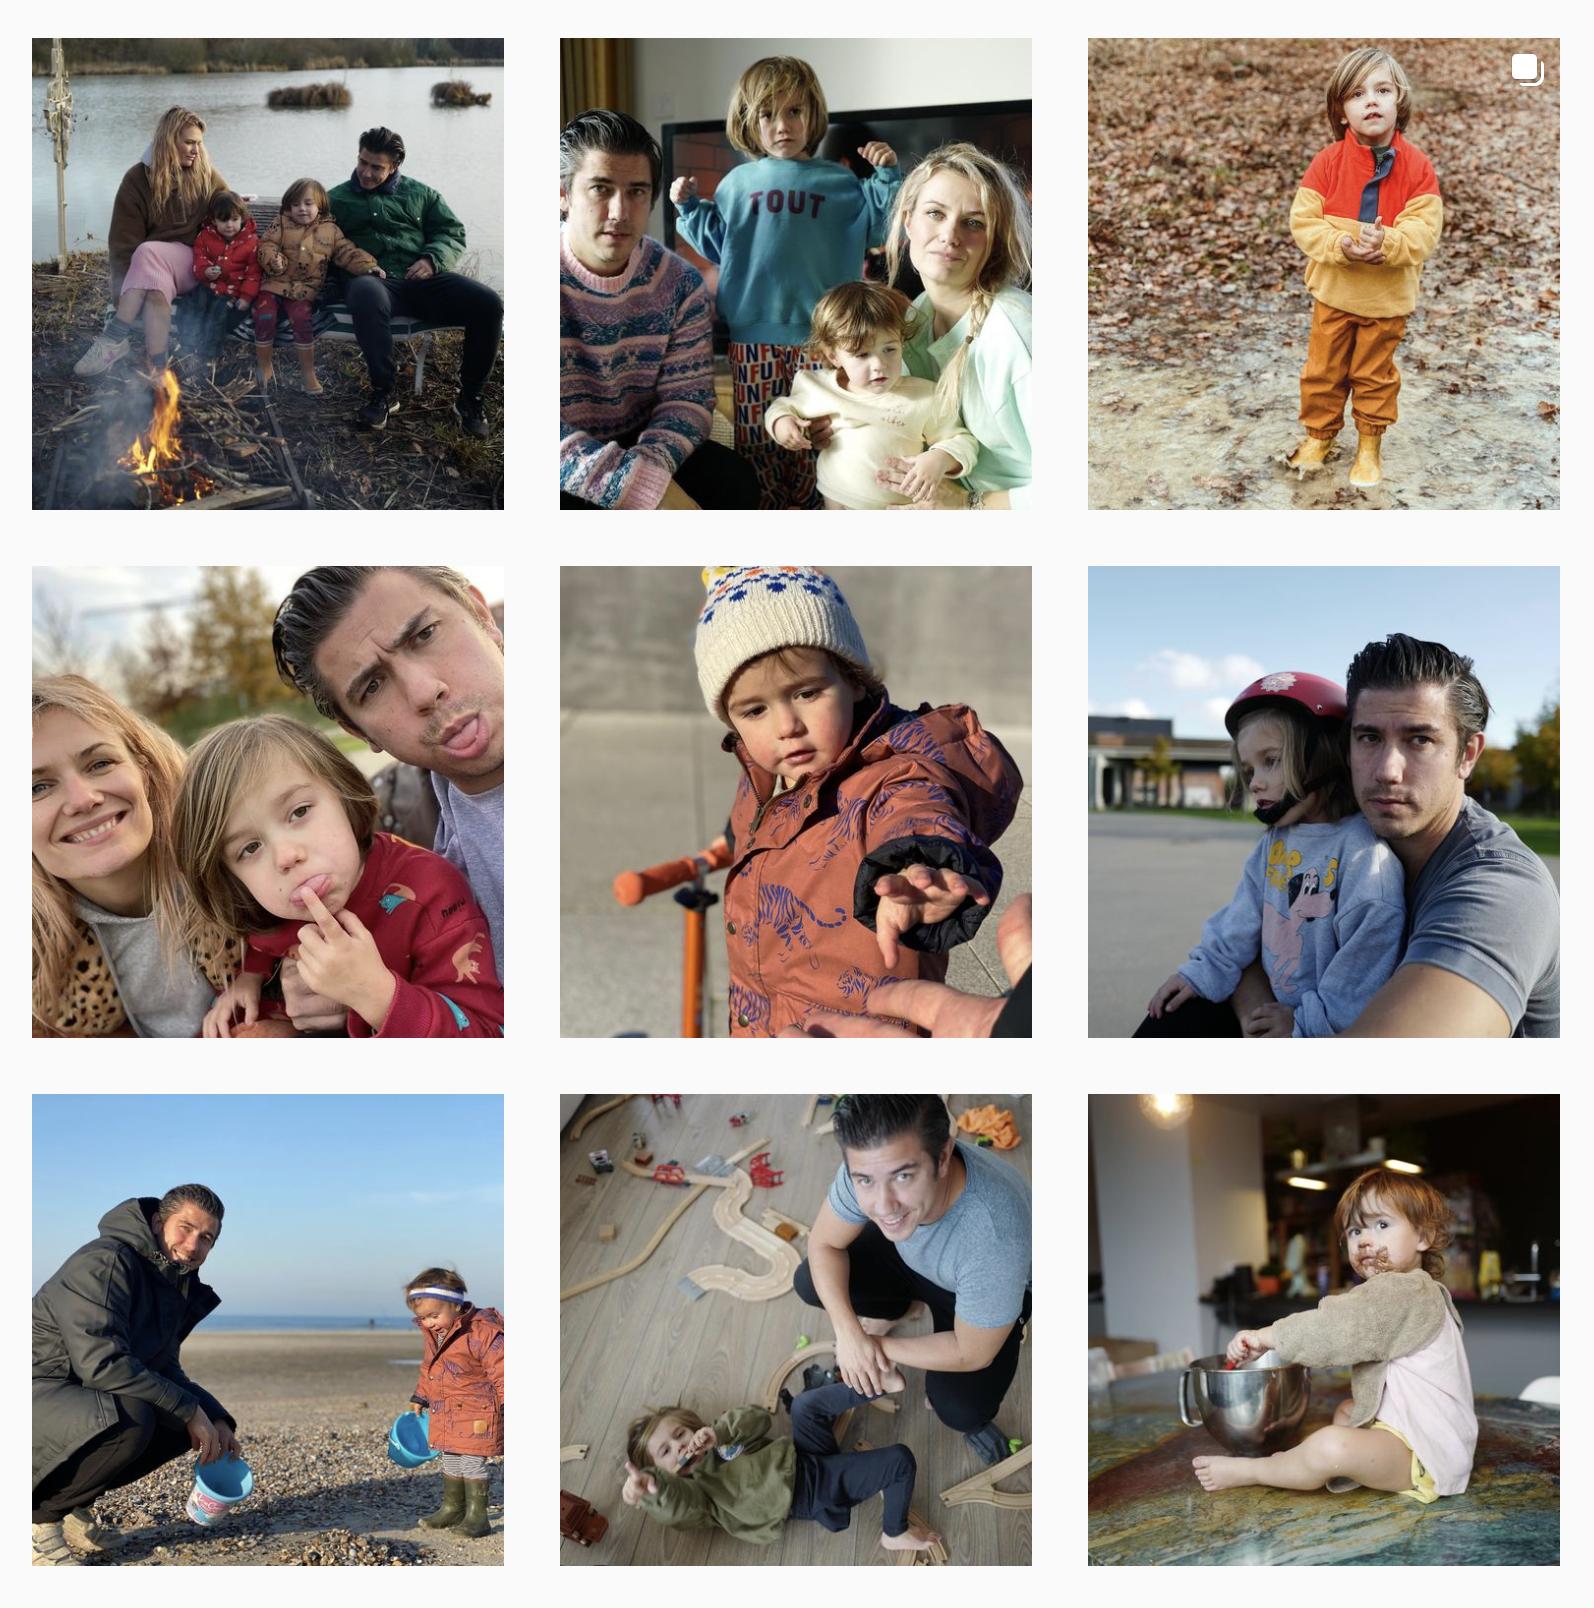 Belgische instagrammers Kristof Hoefkens